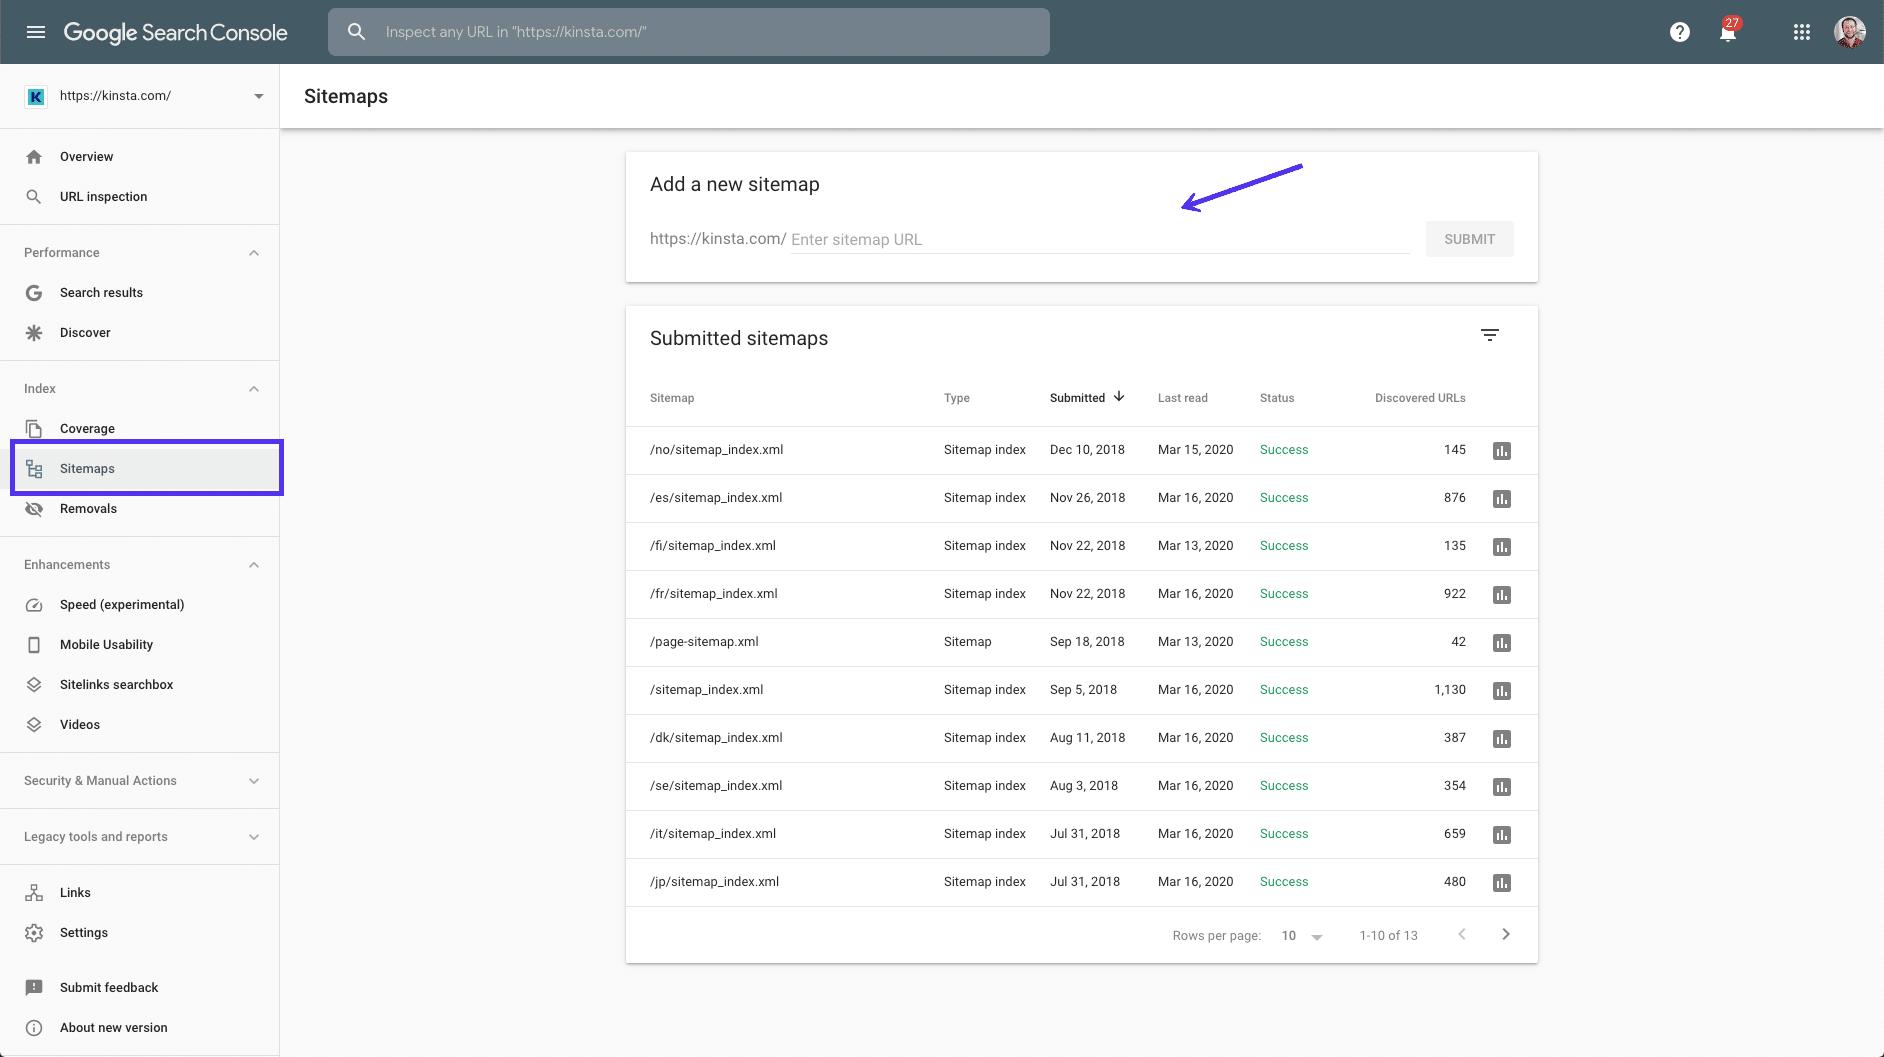 Soumettre un plan de site à la console de recherche Google